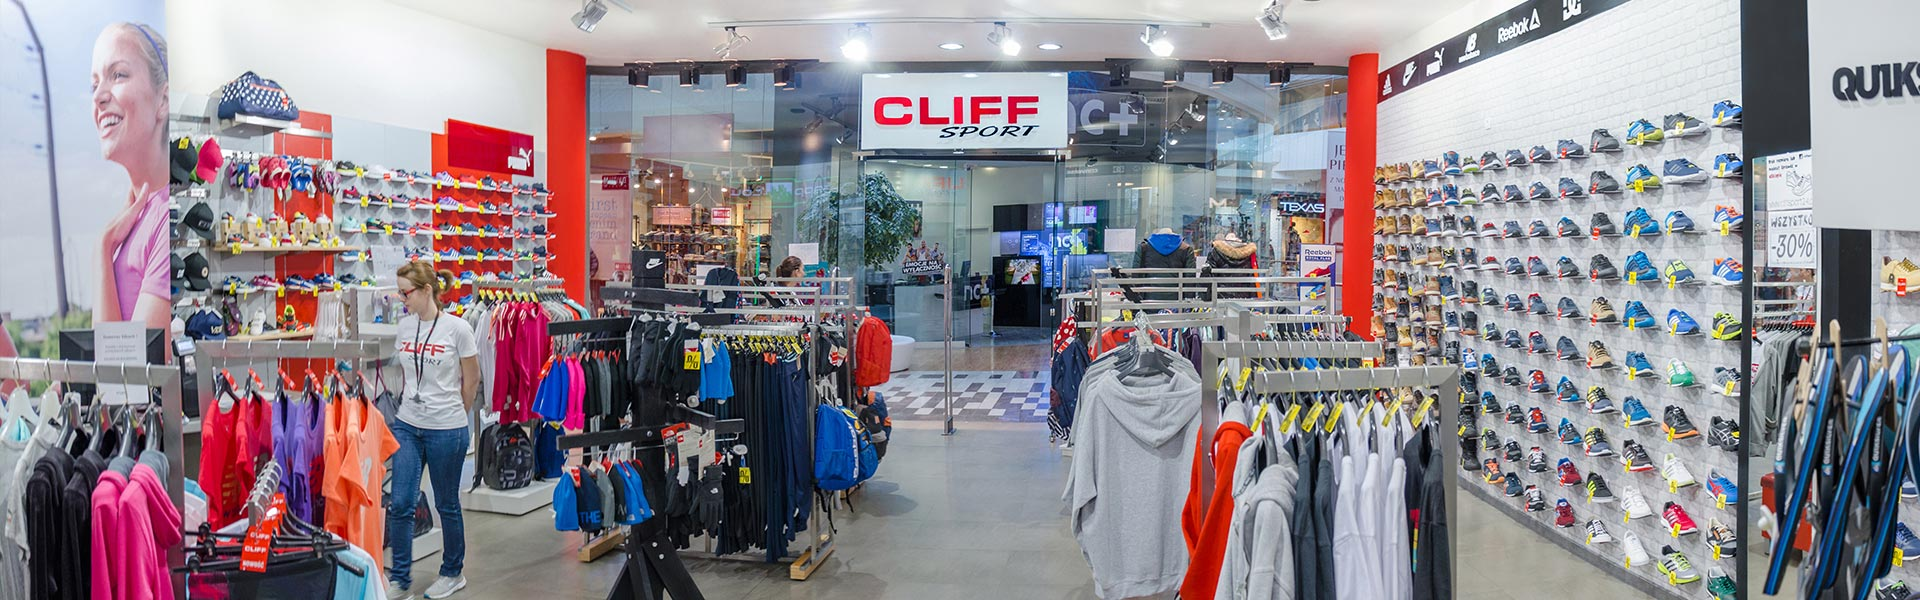 sklep sportowy cliff sport